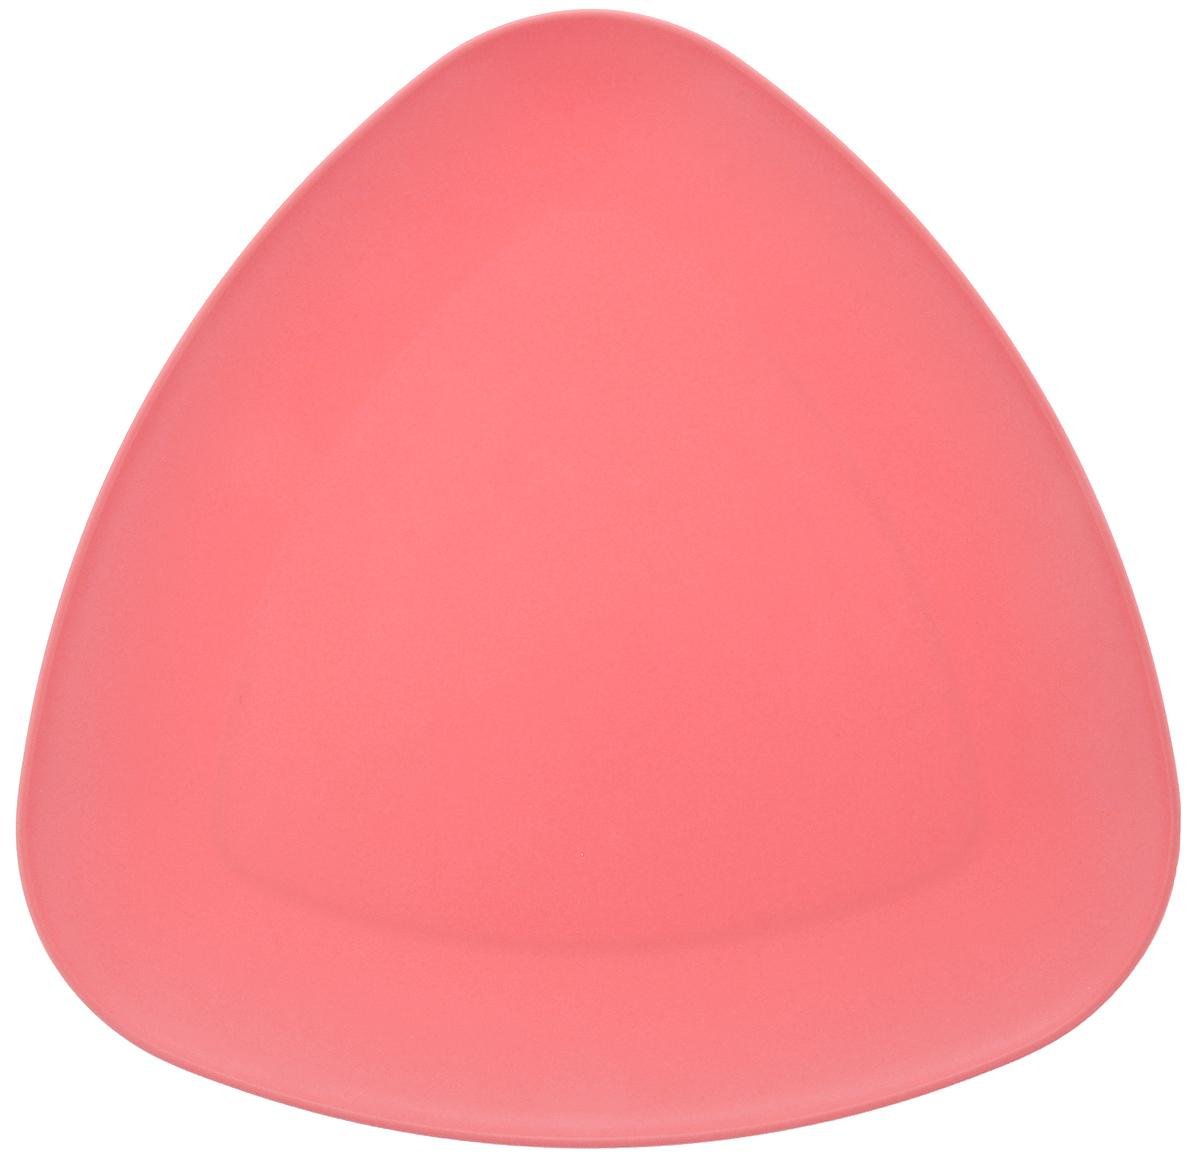 Тарелка Ucsan, треугольная, цвет: коралловый, 27 х 27 смM-733_коралловыйТреугольная тарелка Ucsan изготовлена из полипропилена и идеально подходит для сервировки стола. Тарелка Ucsan не только украсит ваш кухонный стол и подчеркнет прекрасный вкус хозяйки, но и станет отличным подарком. Можно мыть в посудомоечной машине. Размер тарелки: 27 х 27 см.